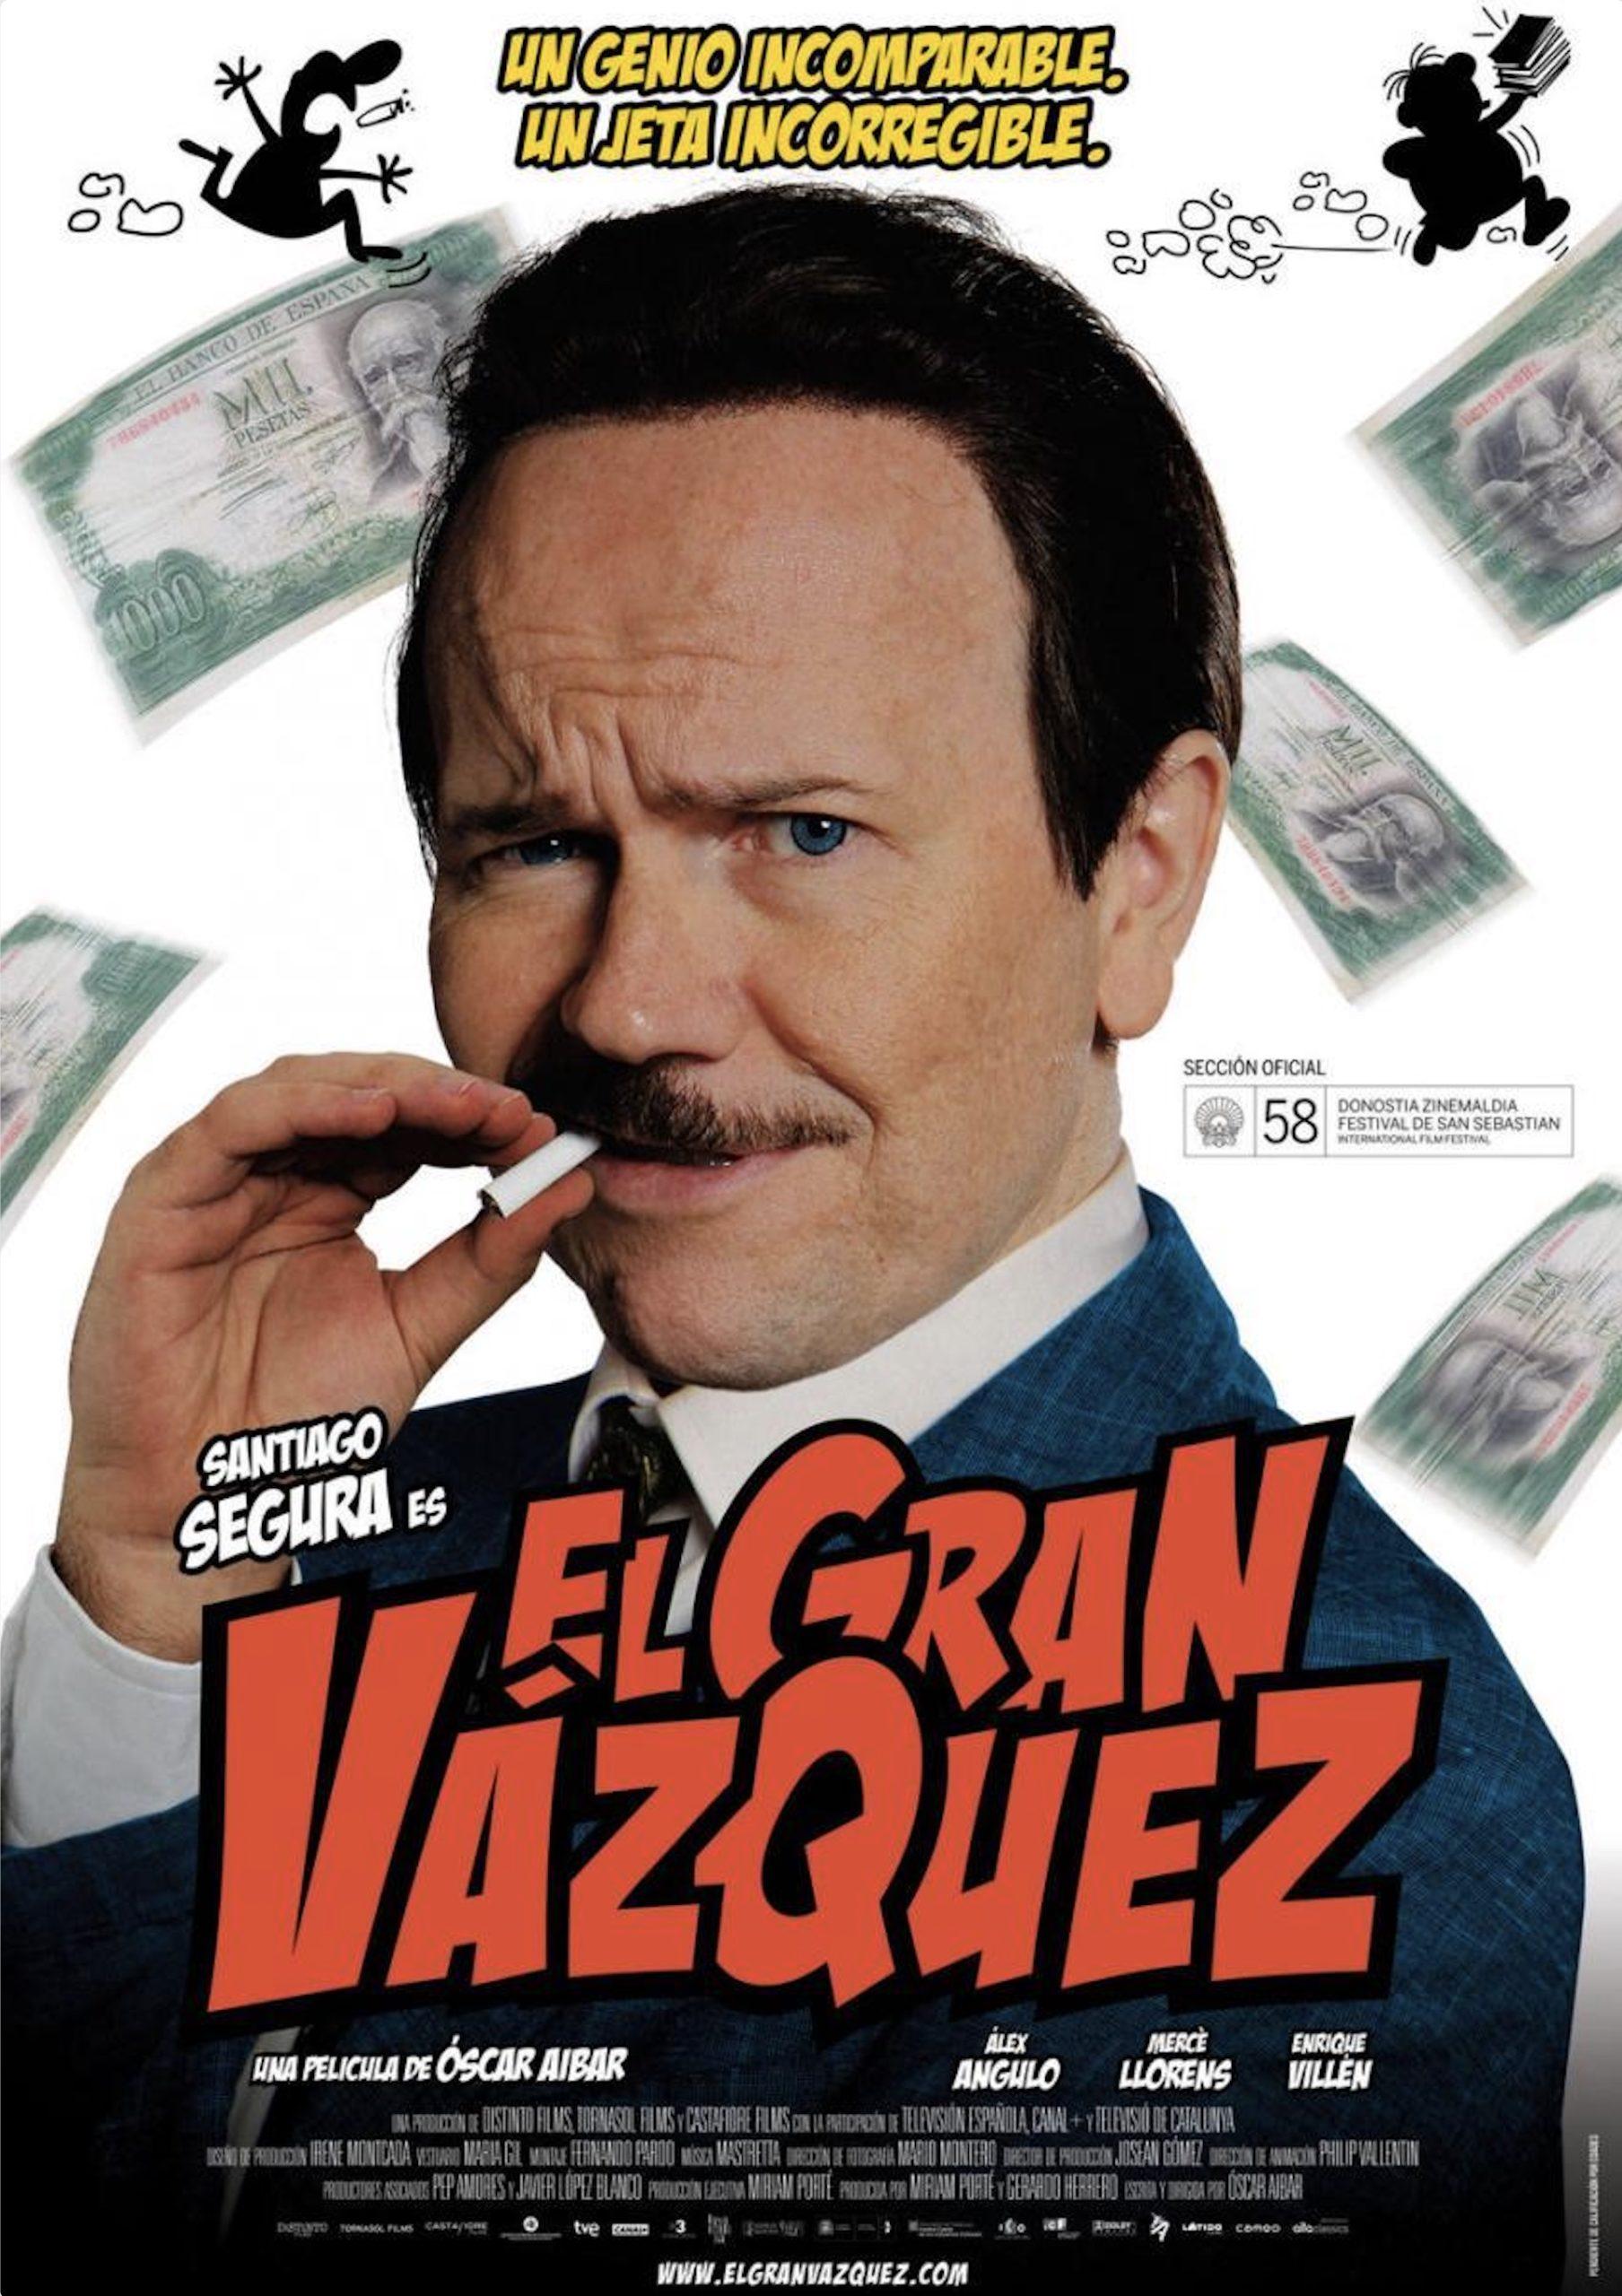 El Gran Vazquez - Cartel - BSO - Mastretta